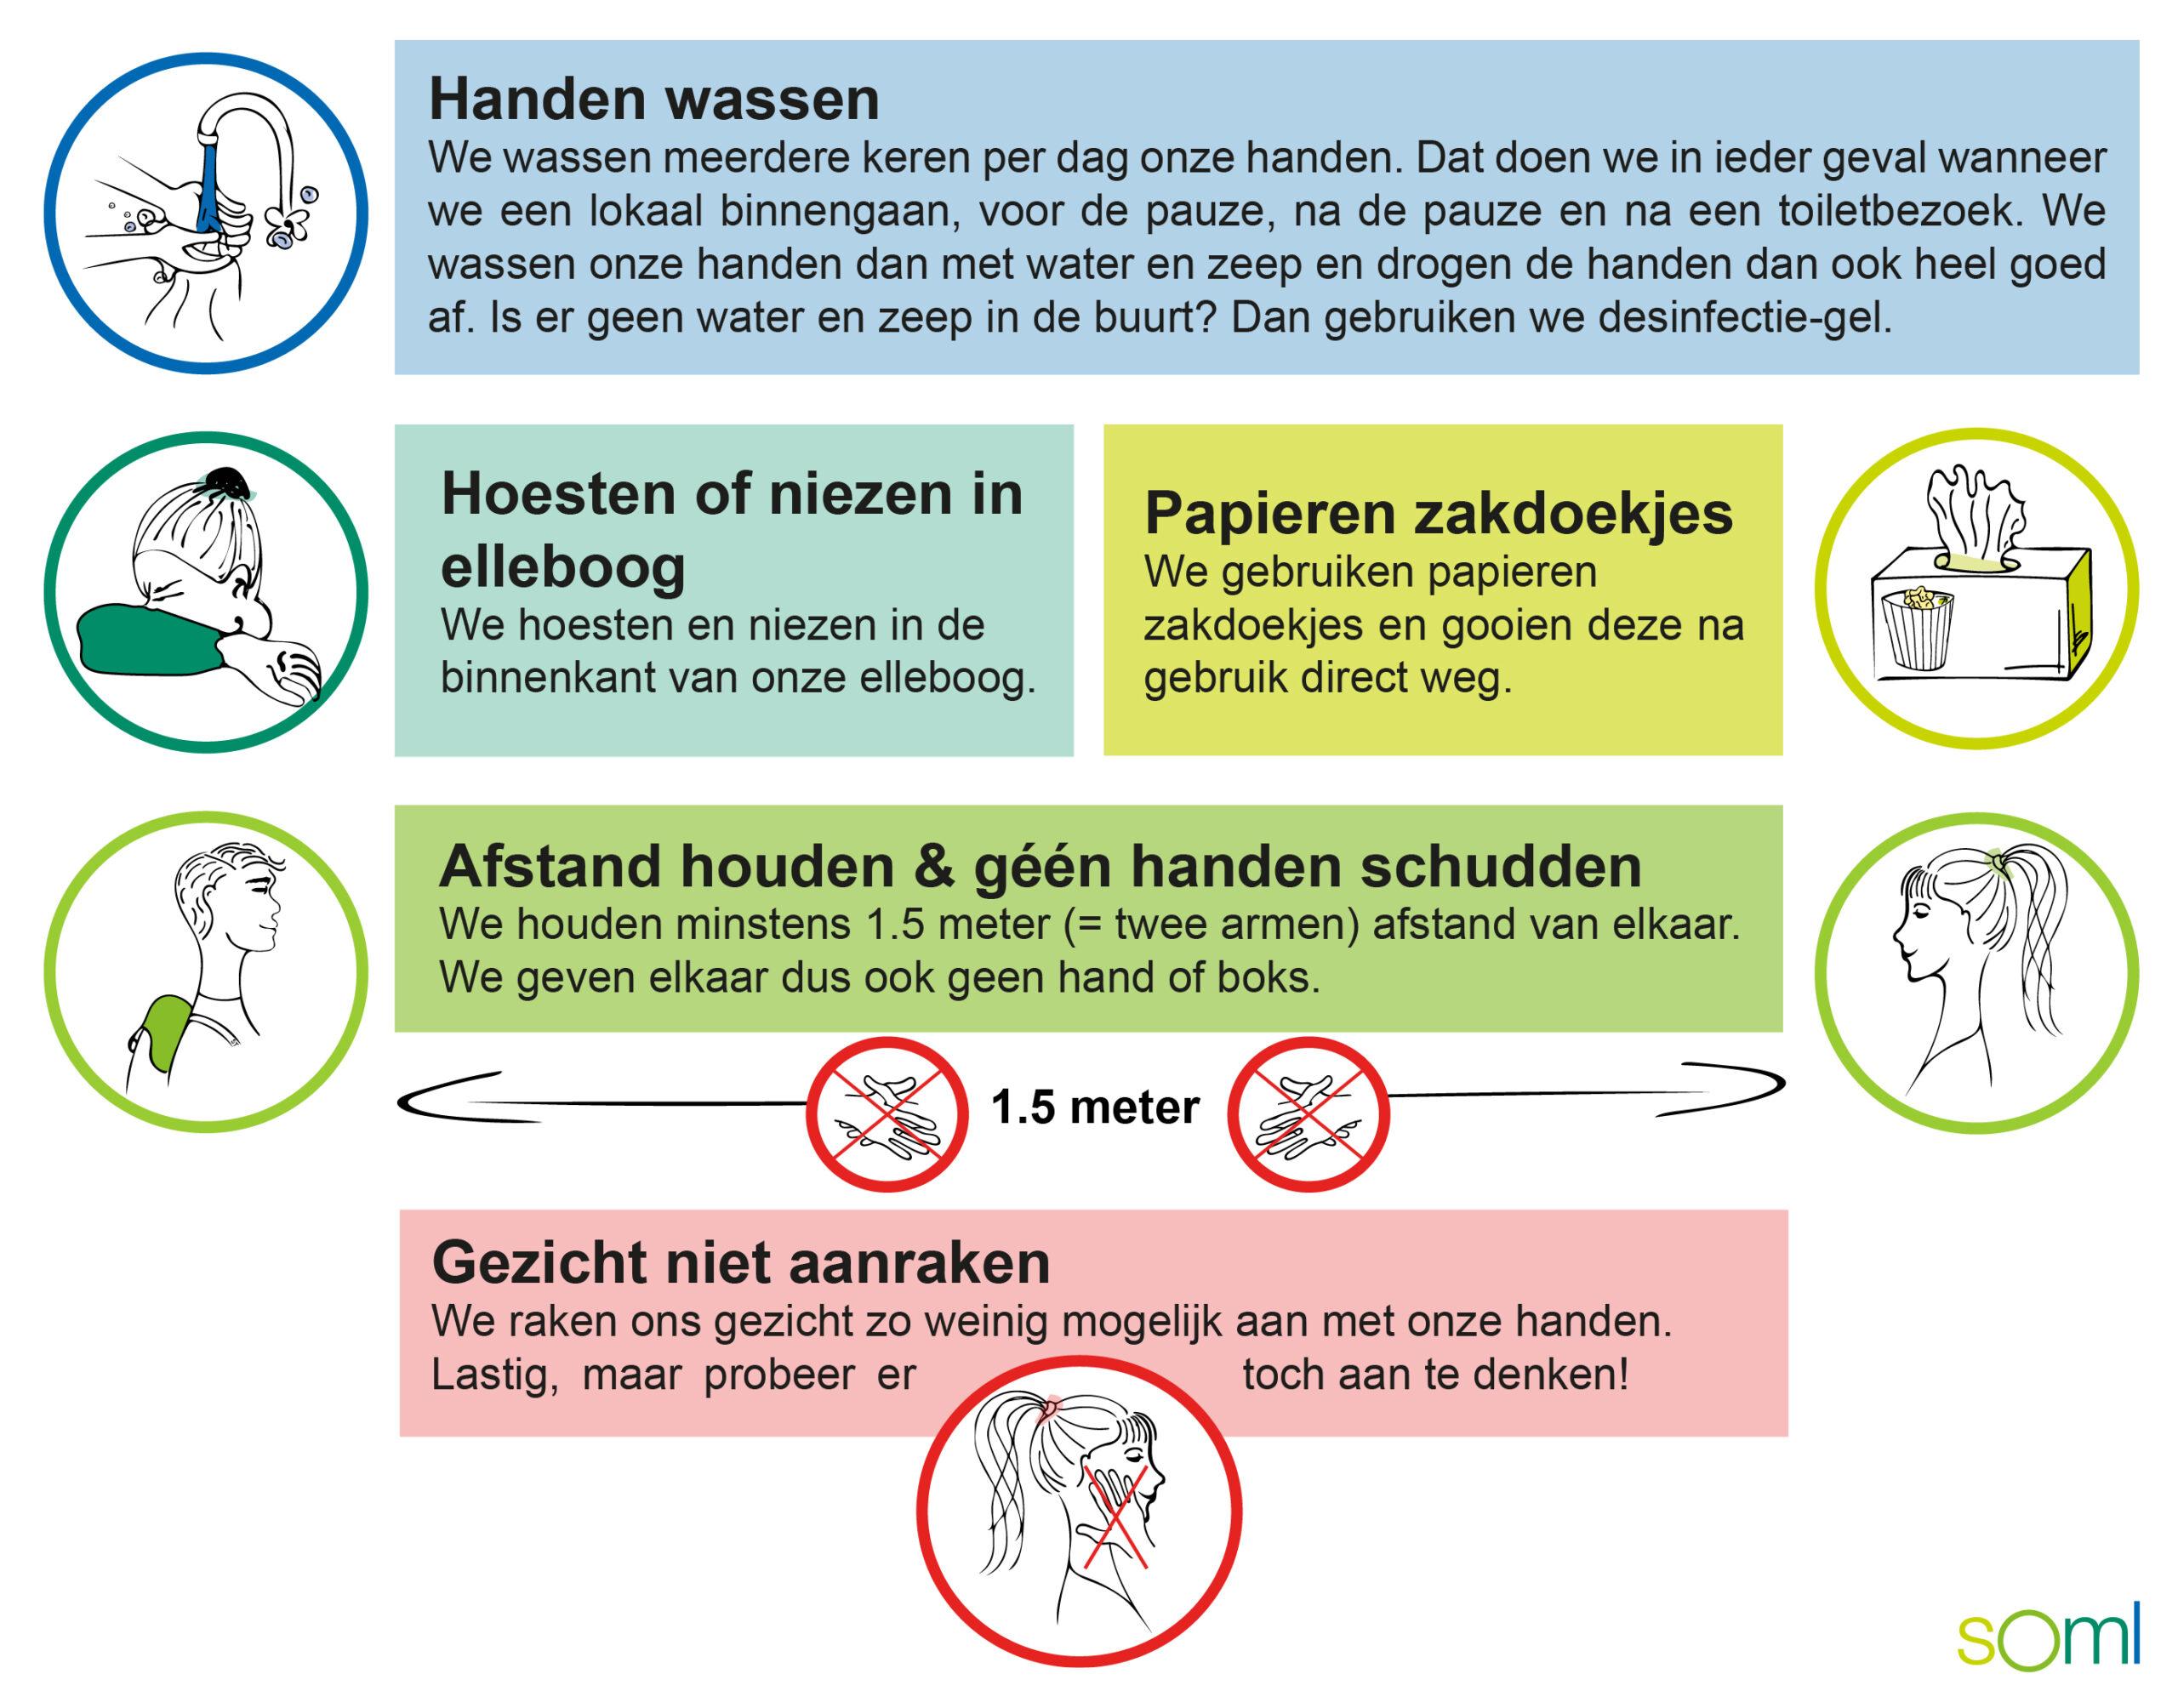 COVID-19 Richtlijnen: Handen wassen, niesen in elleboog, afstand houden, geen handen schudden of boks, gezicht niet aanraken